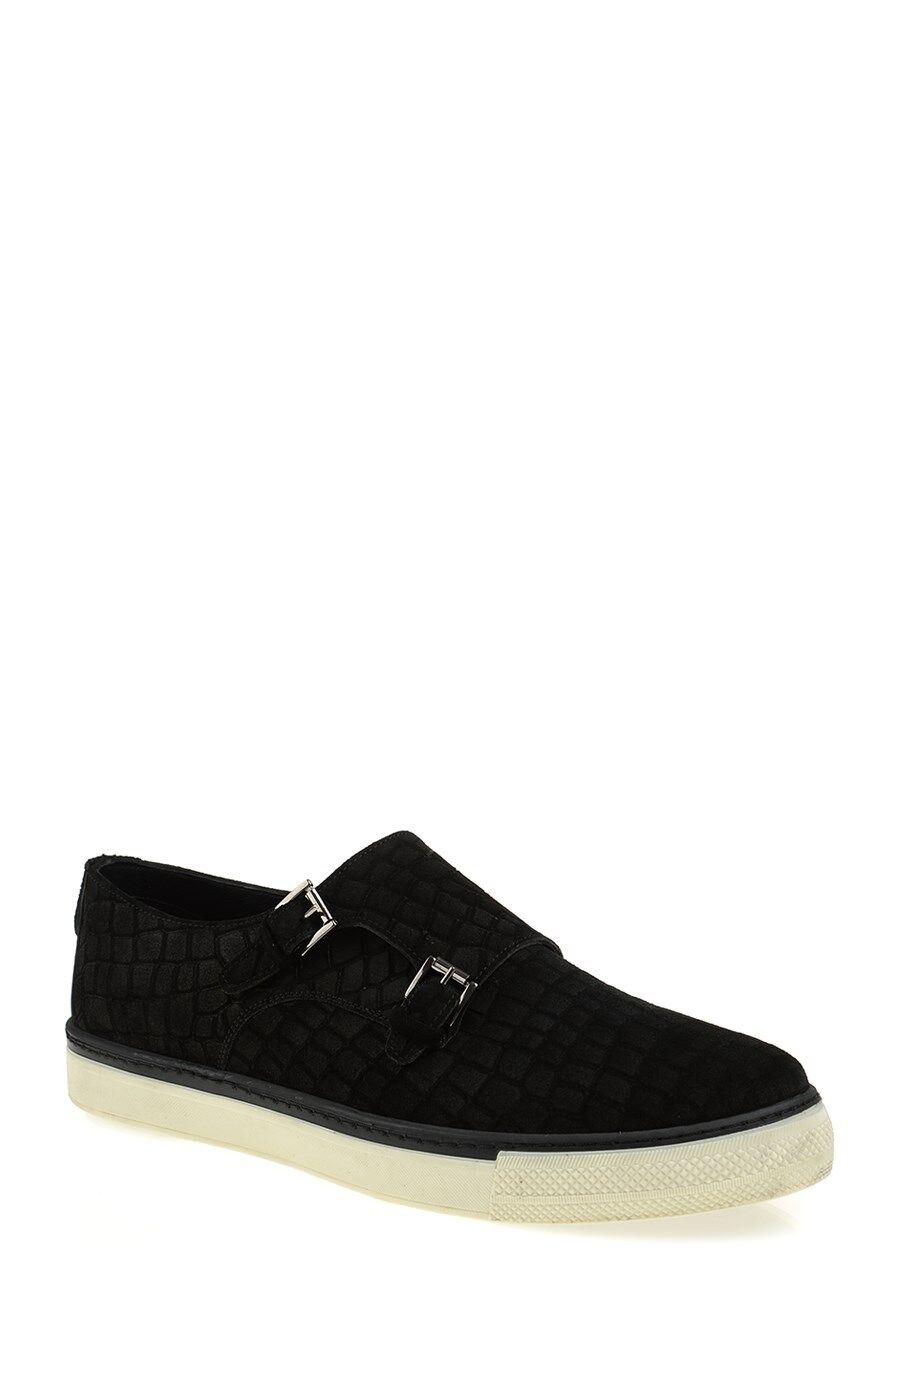 Krokodil Baskılı Siyah Ayakkabı